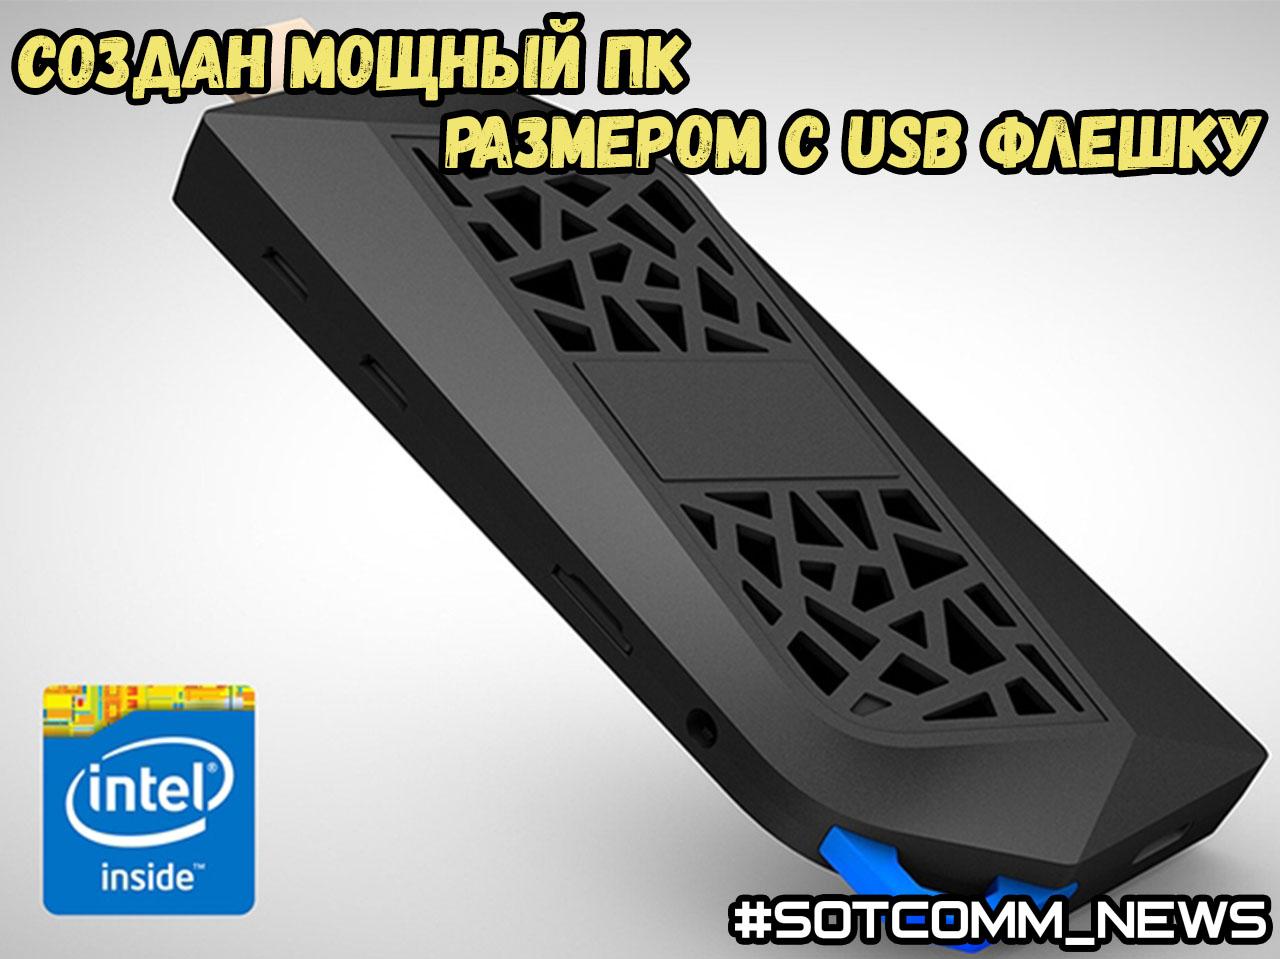 Создан мощный ПК размером с USB флешку